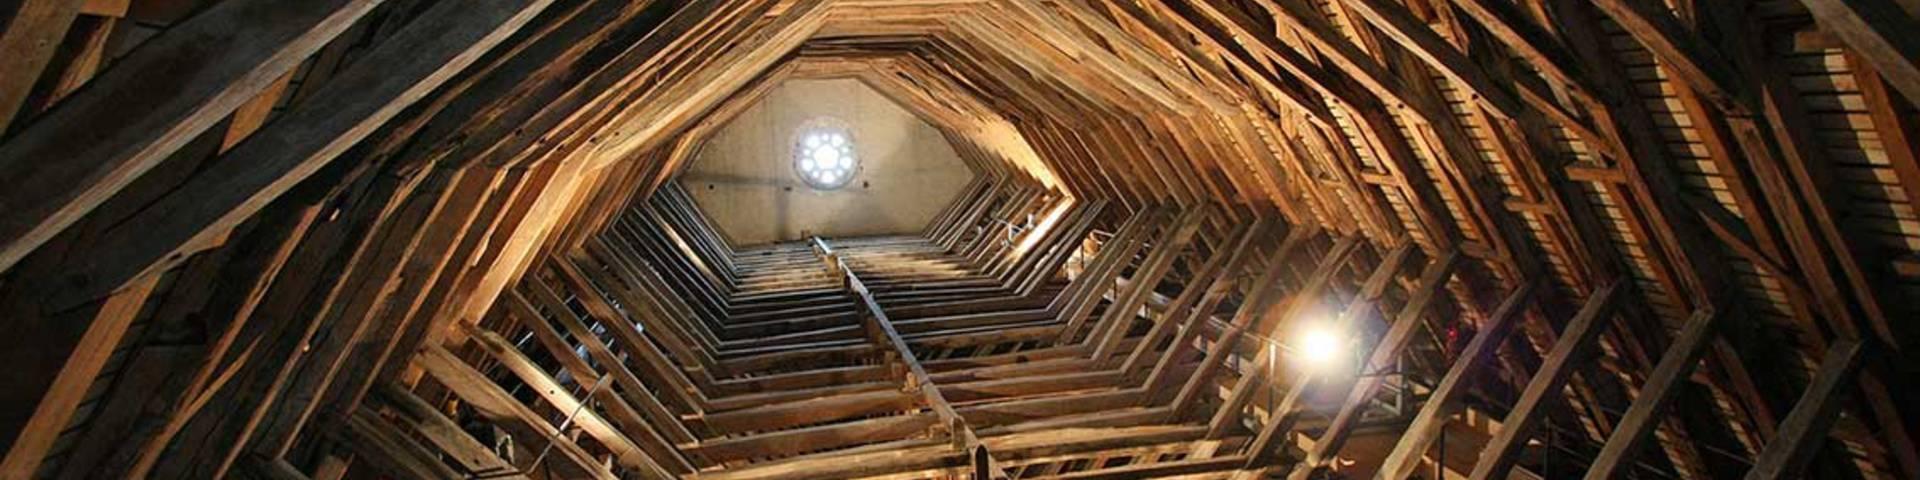 Unsual visit of Blois château